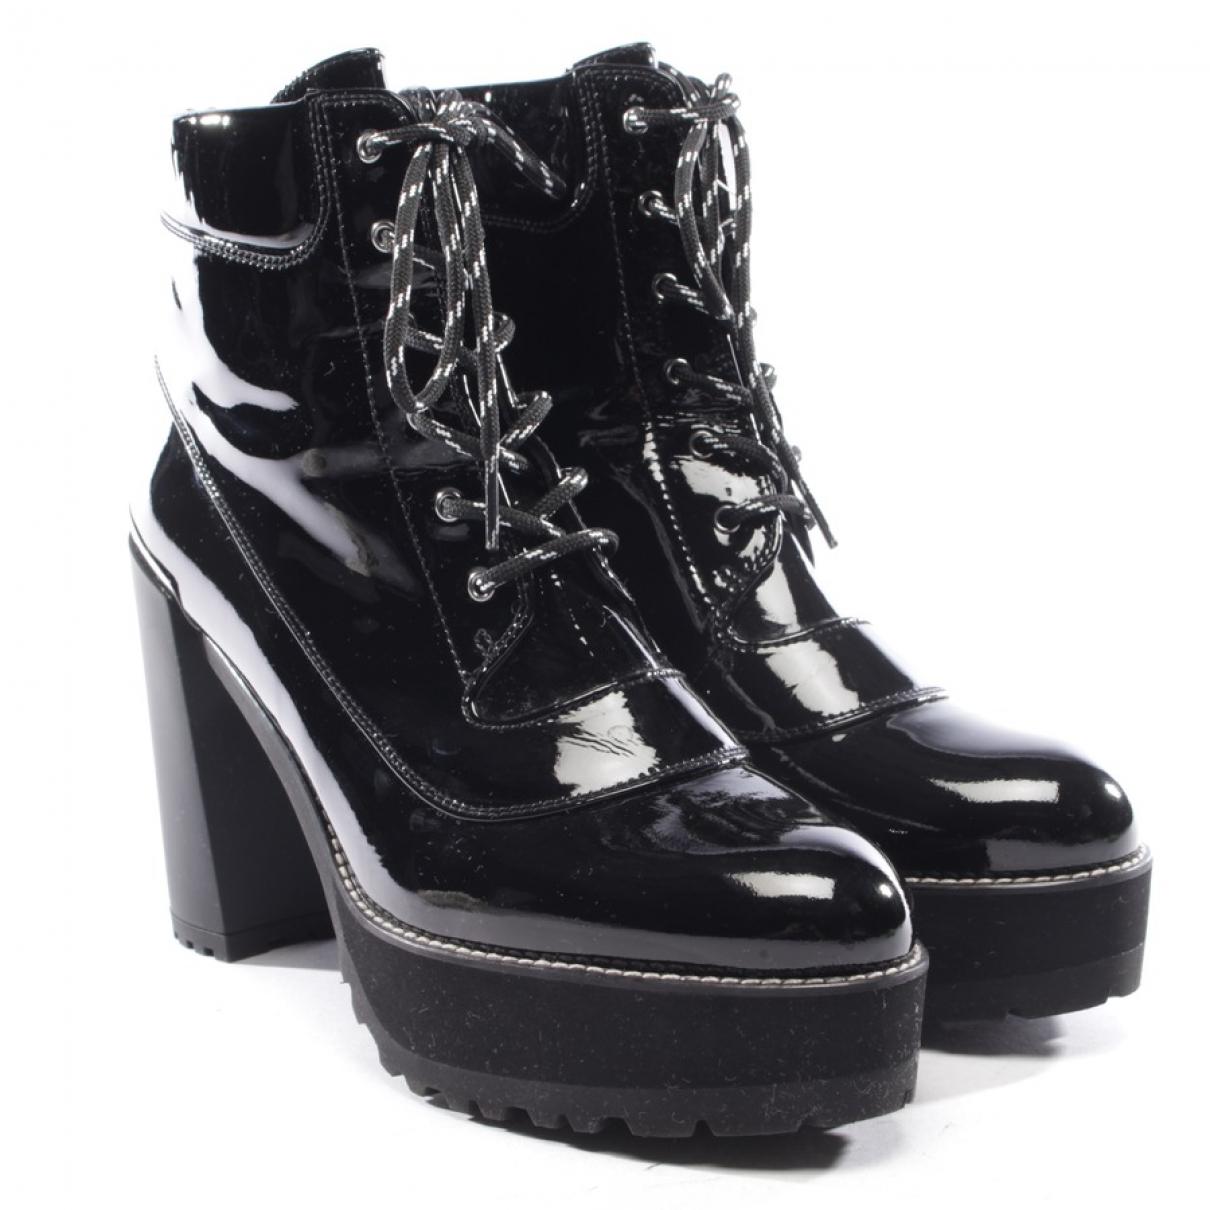 Stuart Weitzman - Boots   pour femme en cuir verni - noir